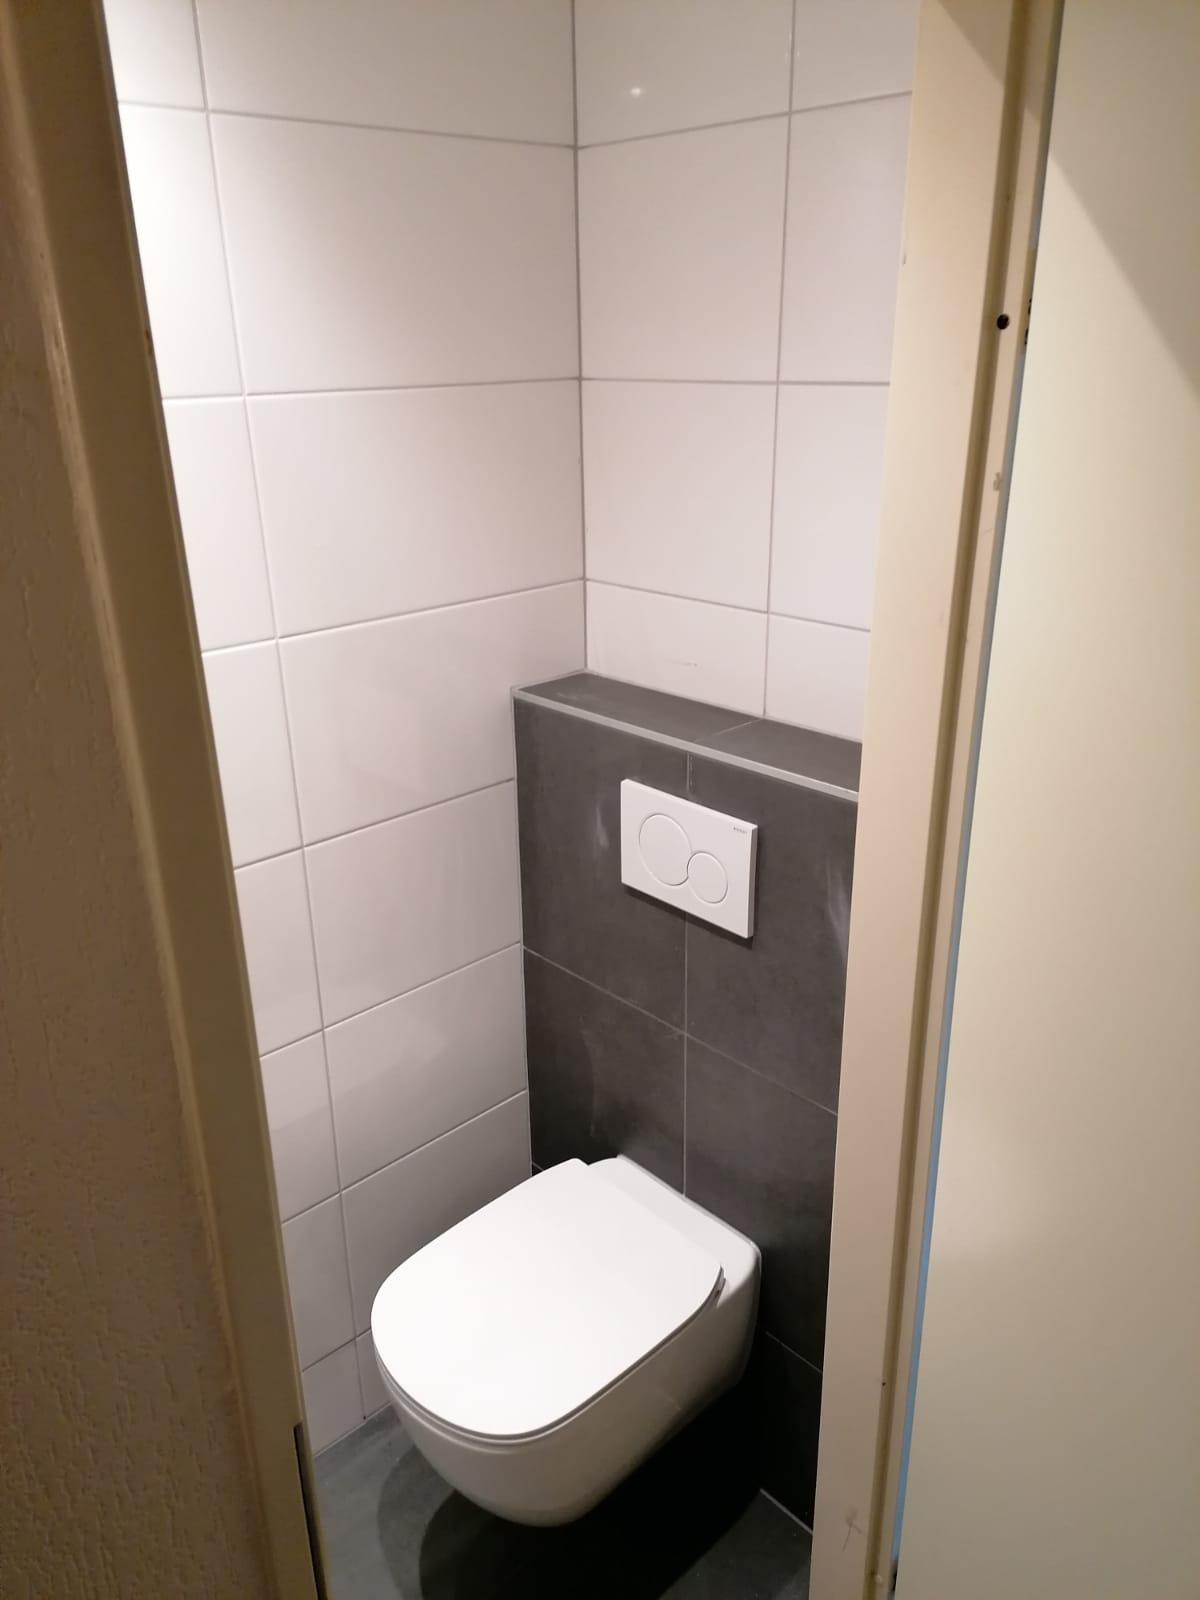 Toilet - houten/stenen huisje